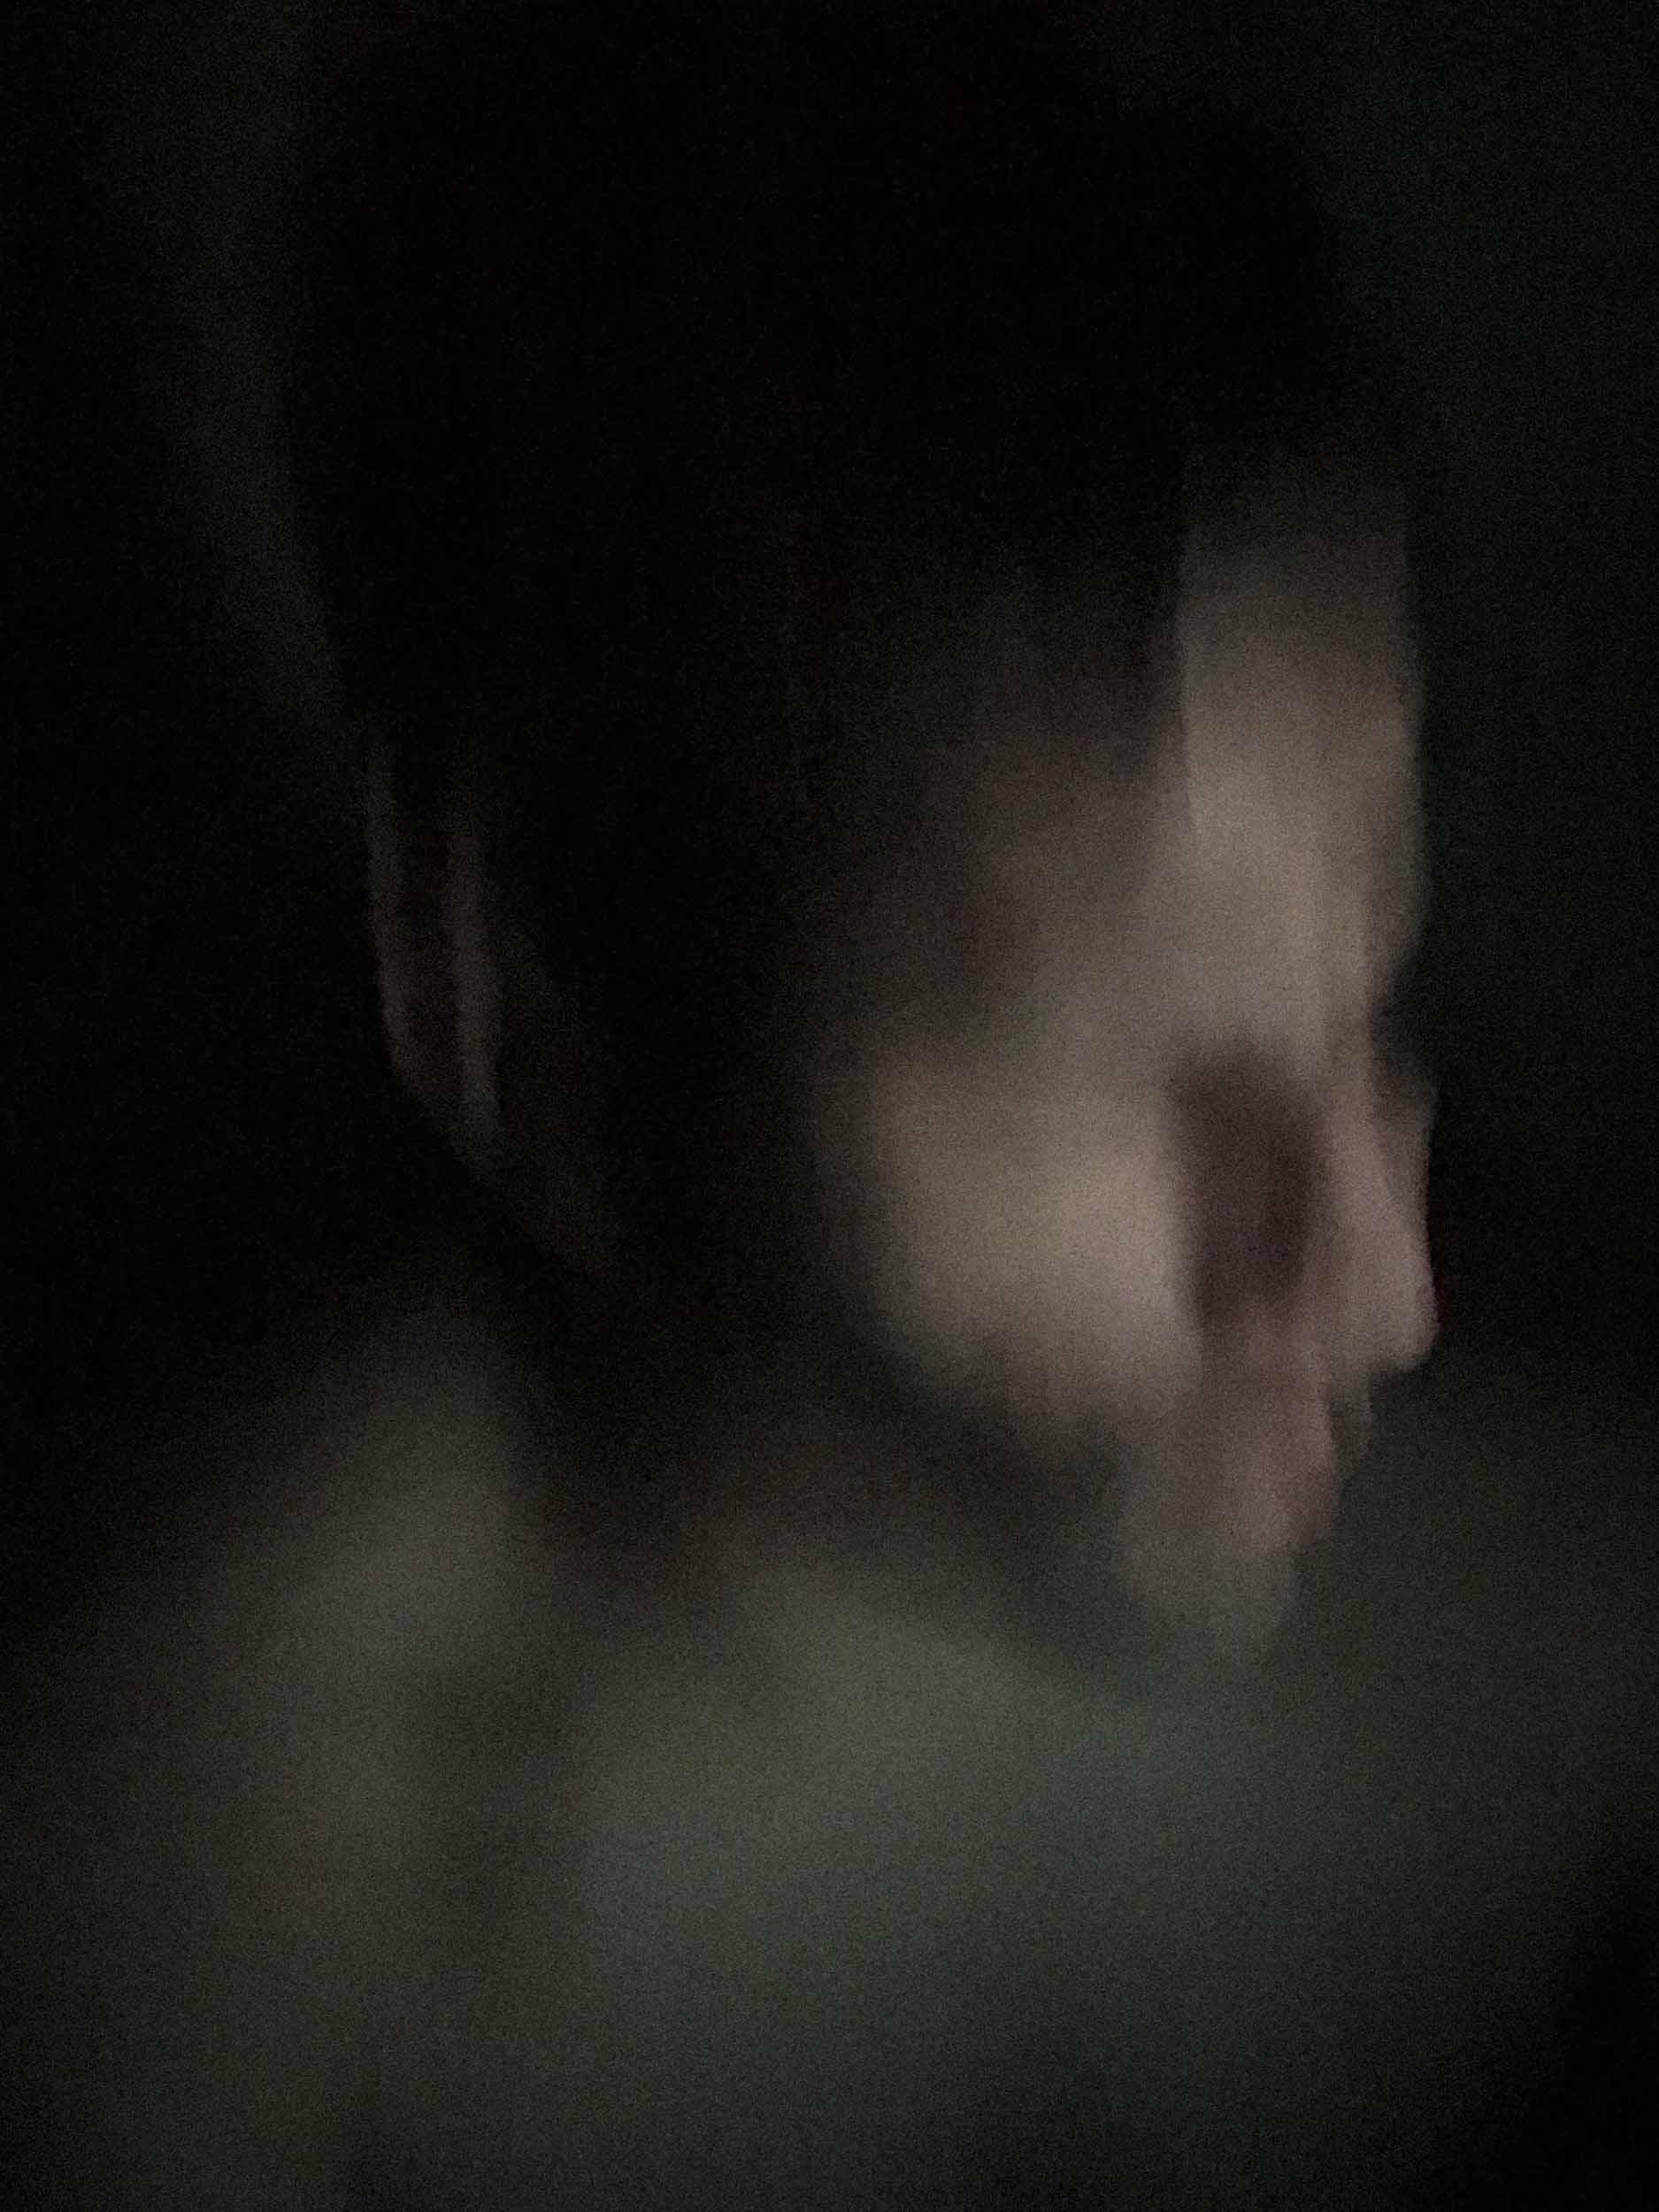 hodosy_invisible-you-honlap-12.jpg